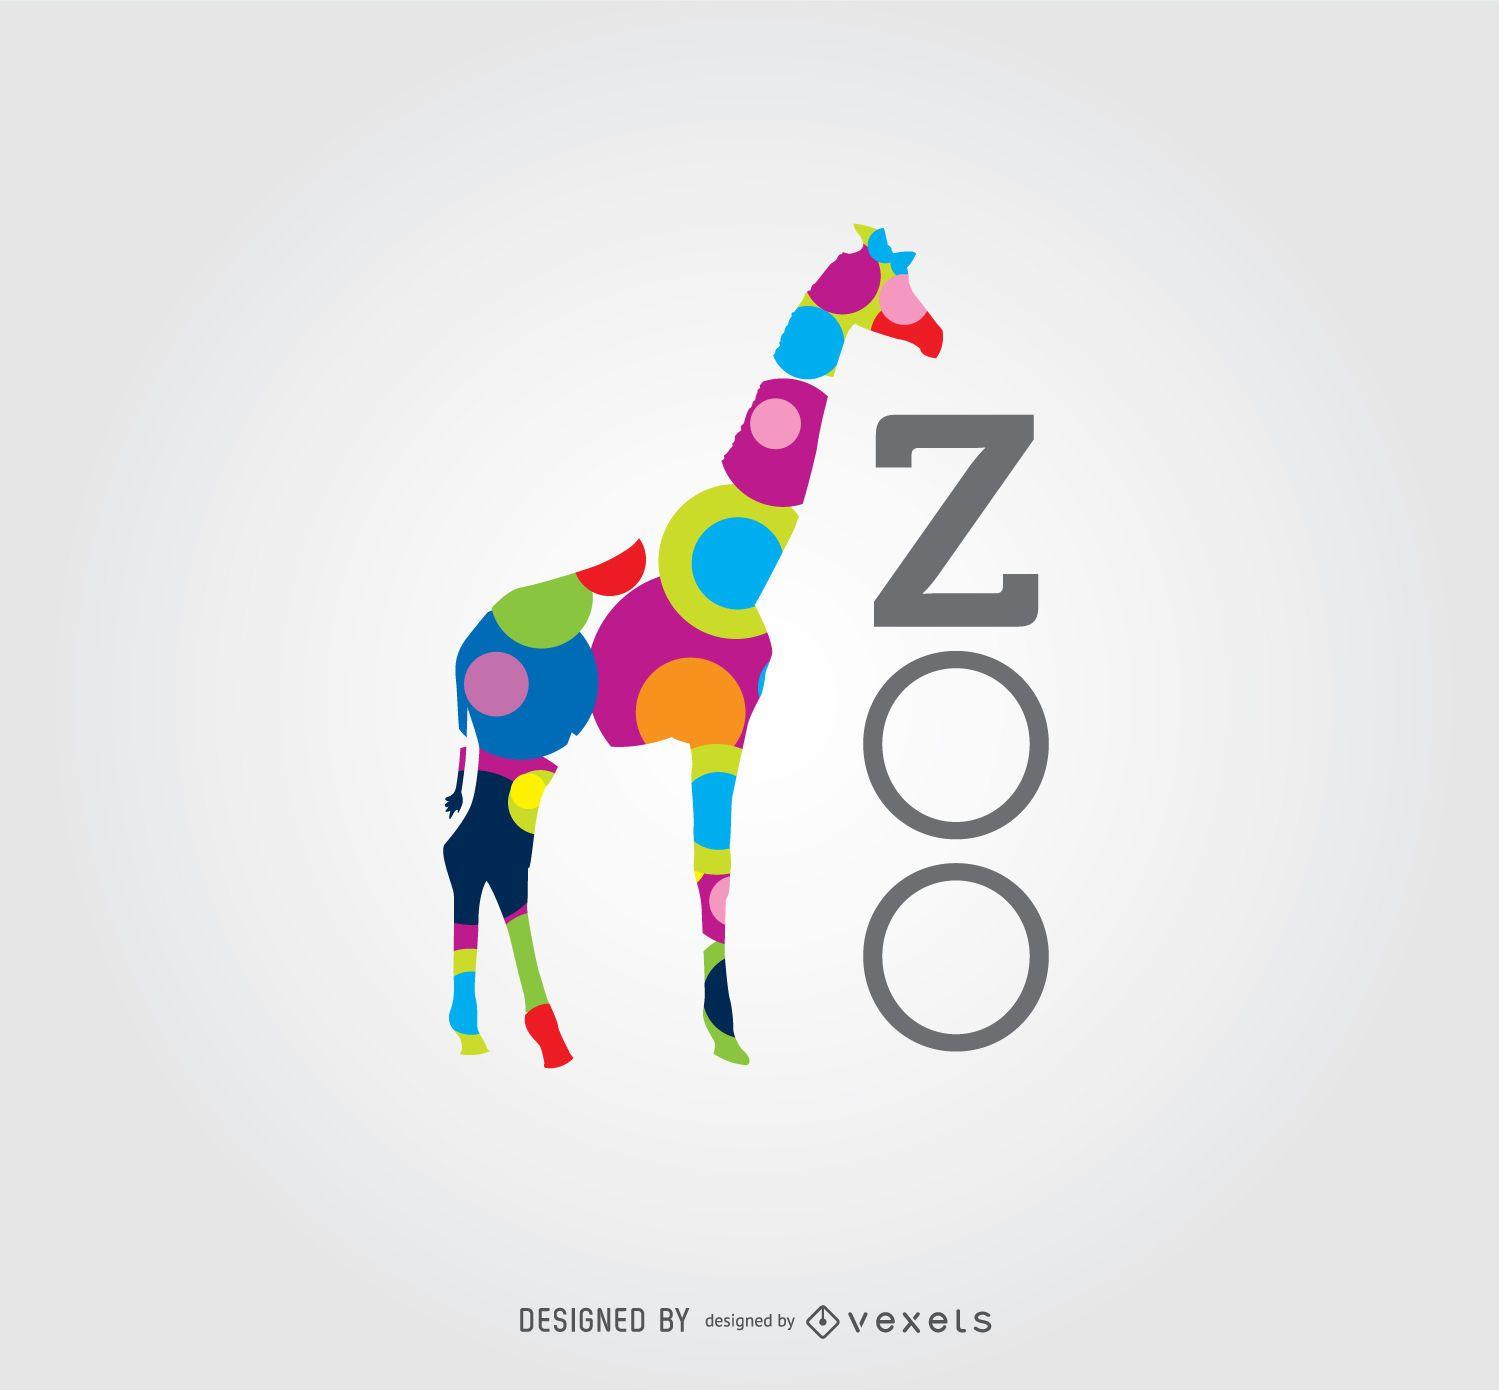 Logotipo do zoológico de girafa com círculos coloridos